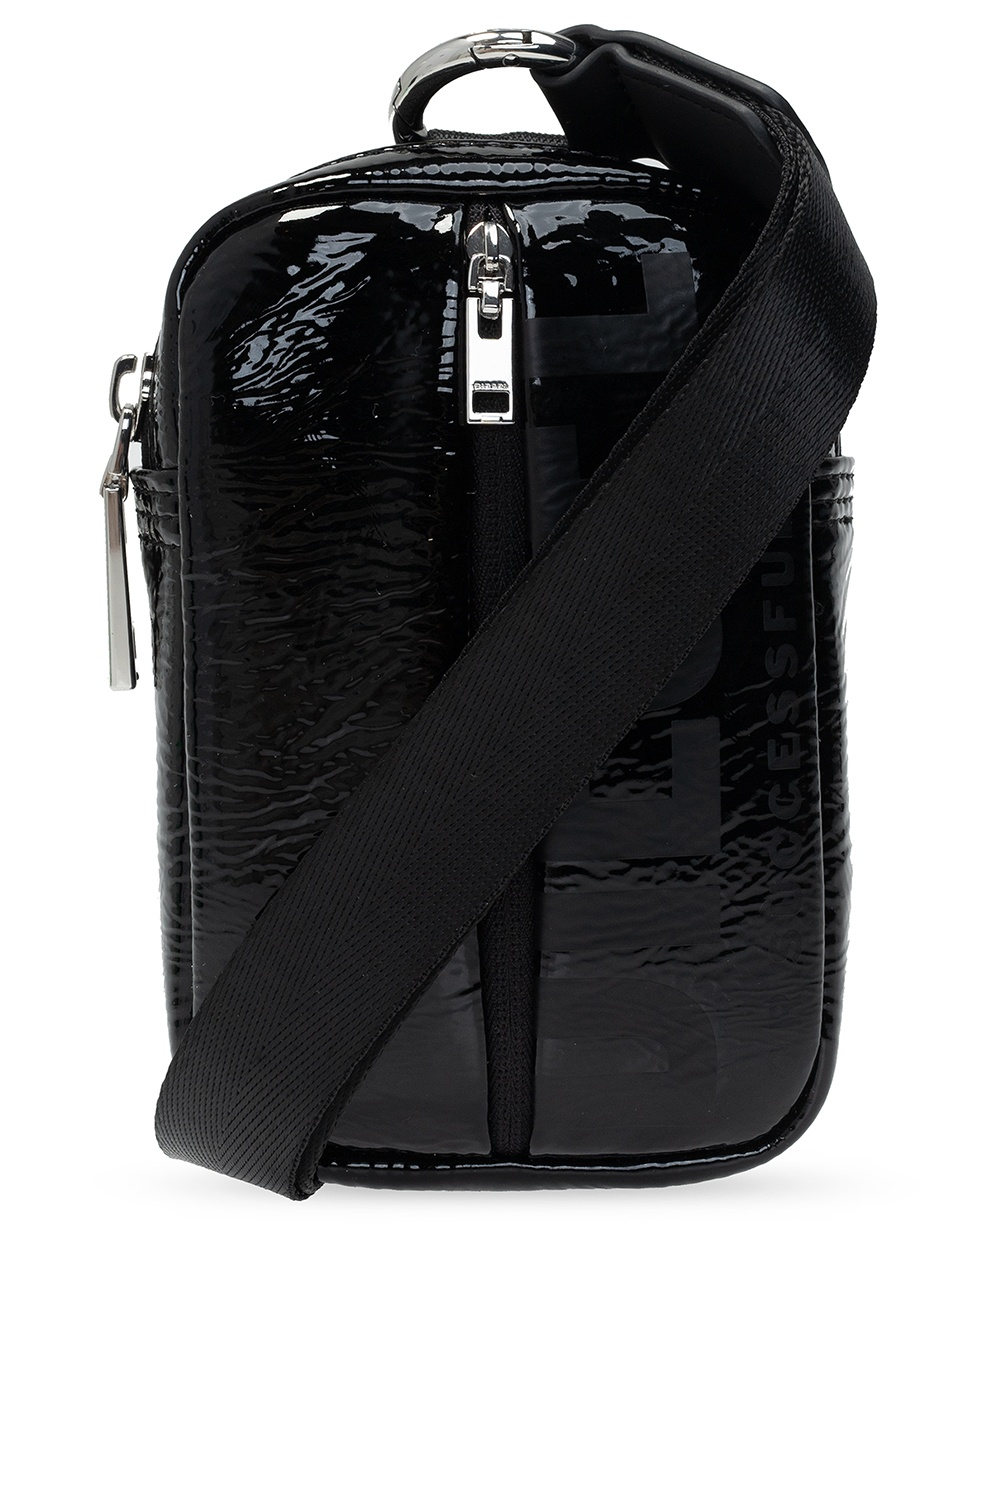 Diesel Shoulder bag with logo